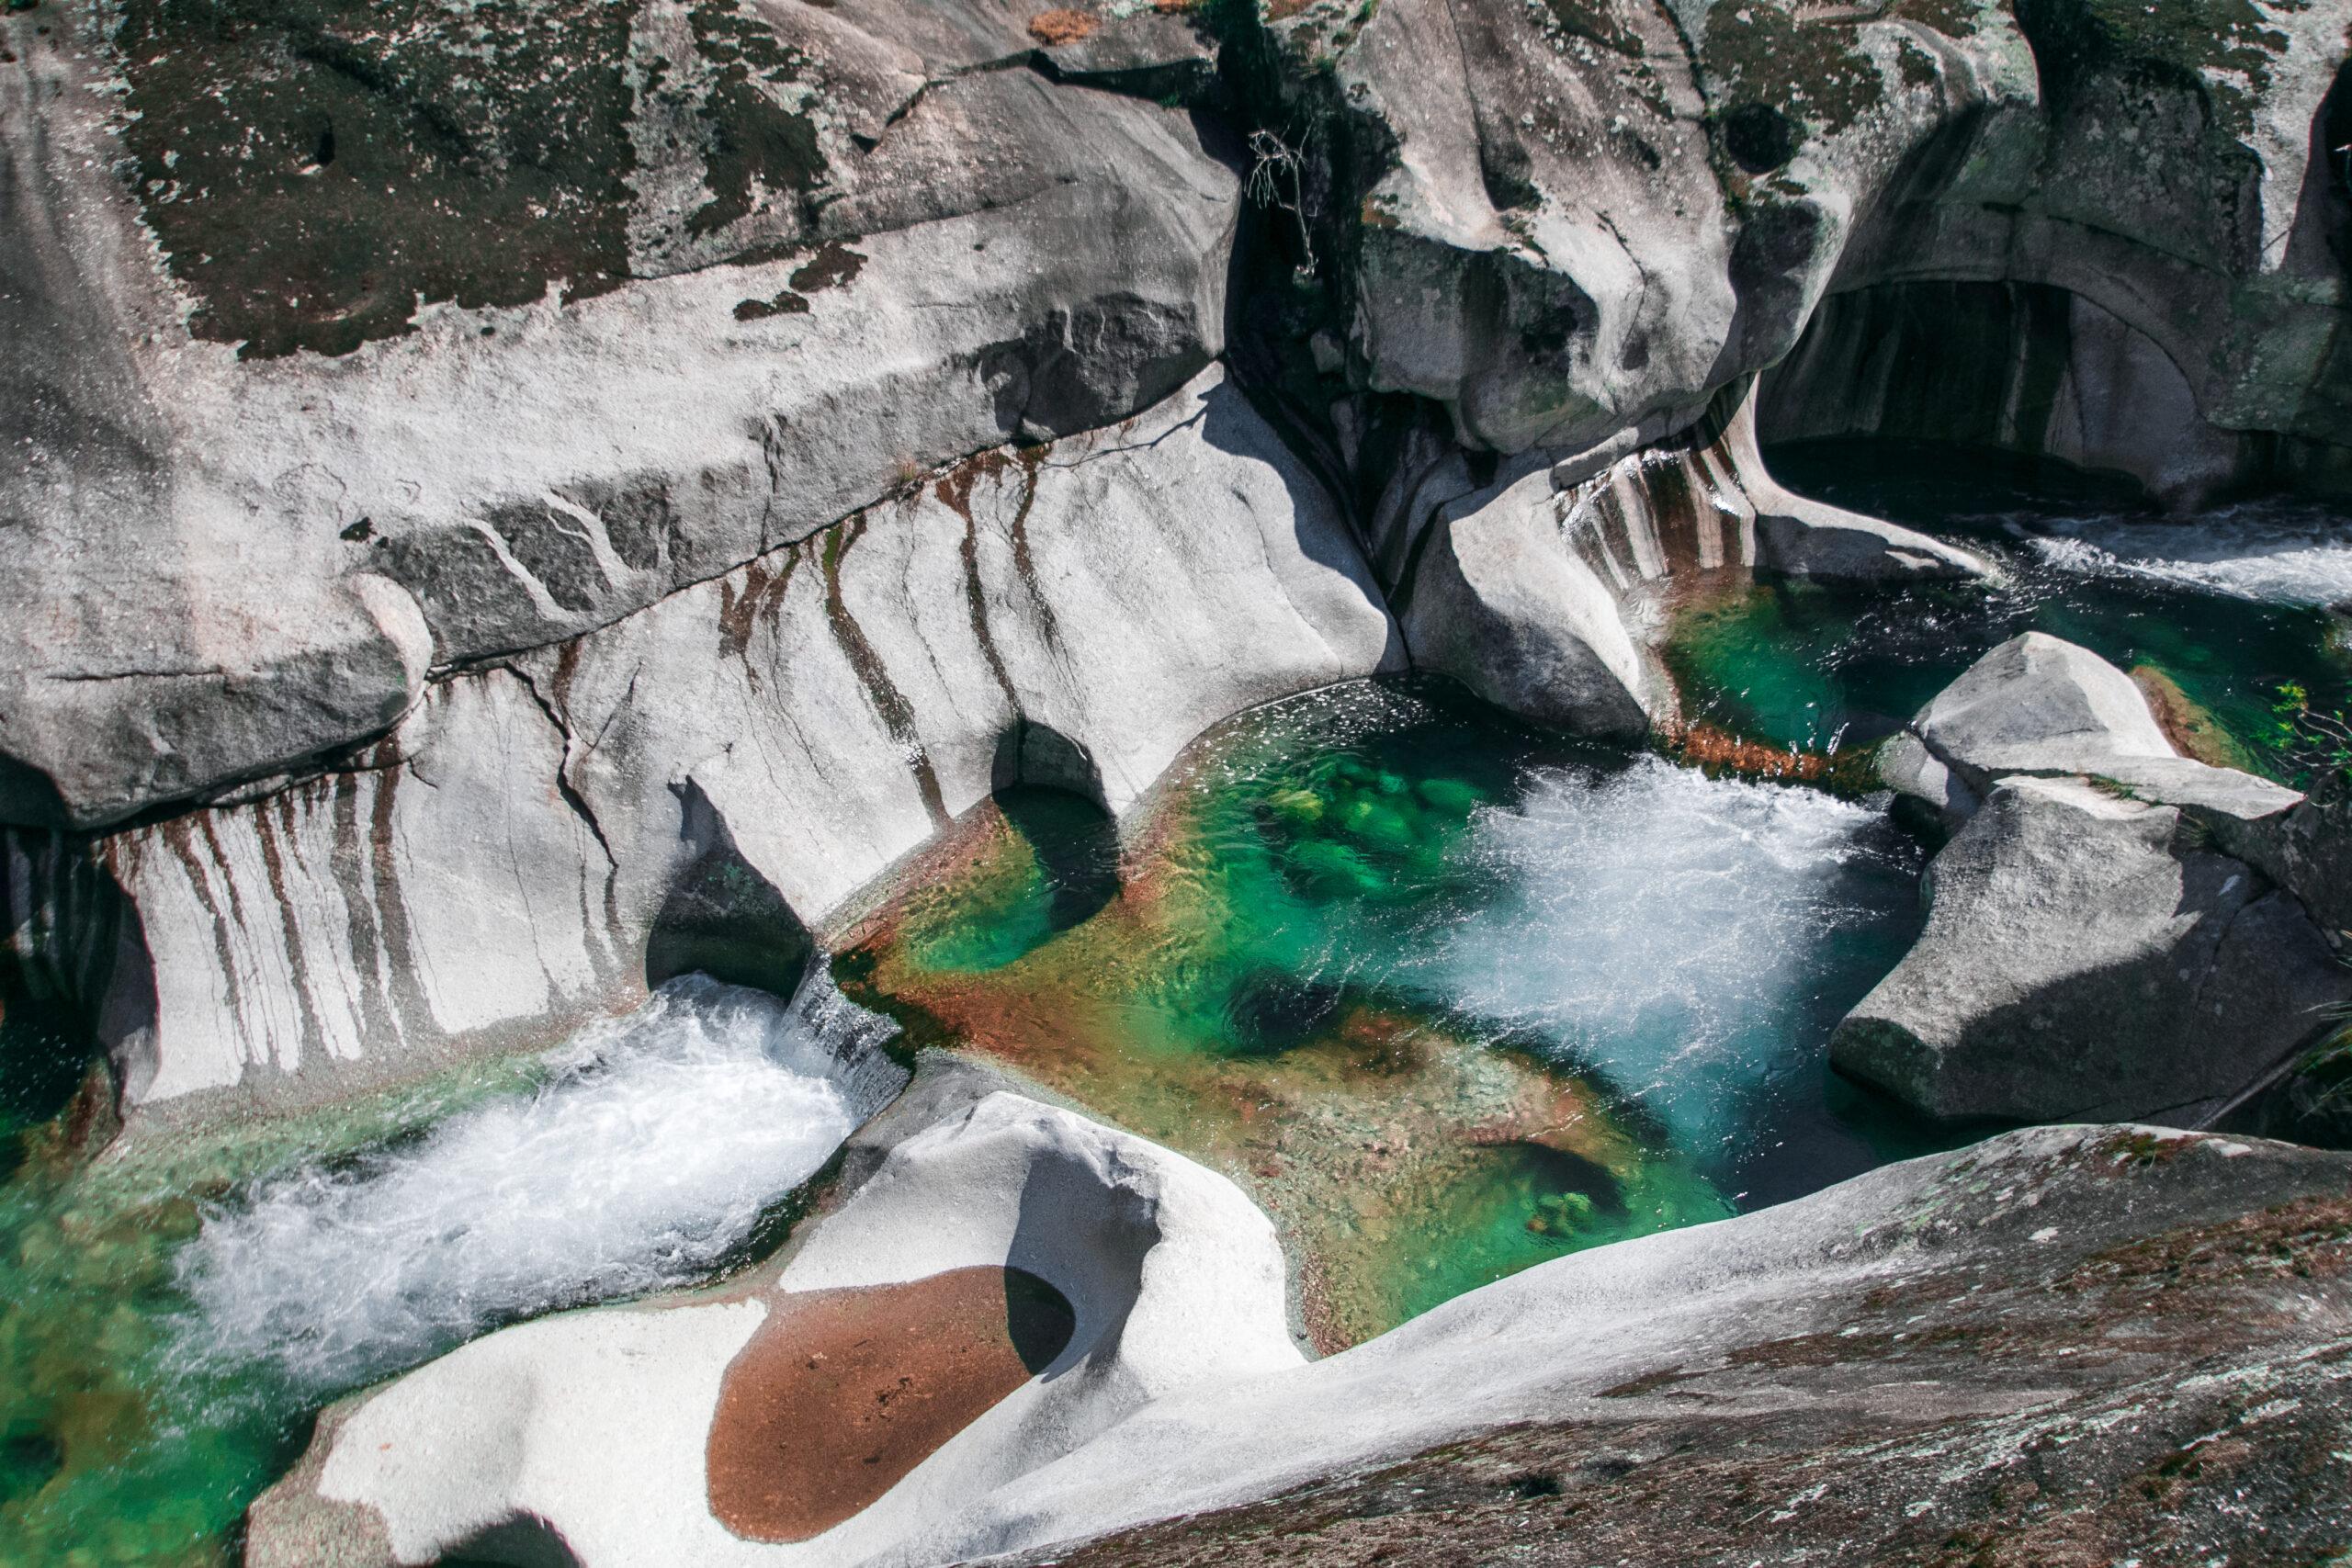 Las piscinas naturales más espectaculares de España donde darse un chapuzón